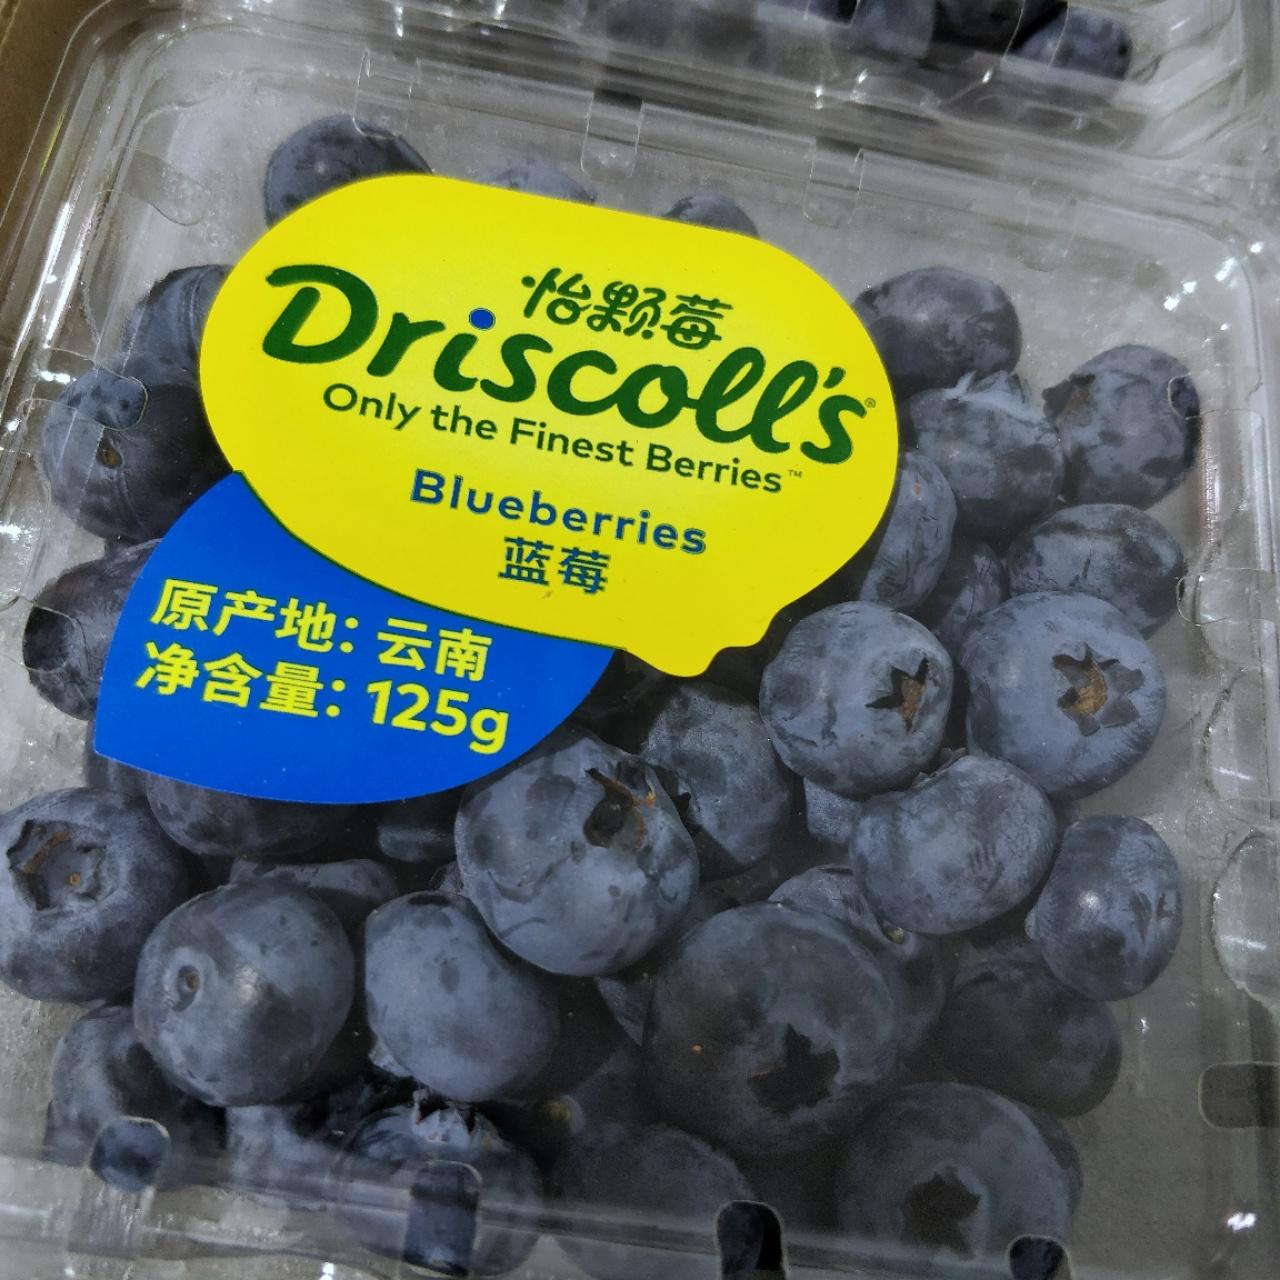 信農宜食 順豐現發 云南怡顆藍莓 限量版6盒 125g/盒